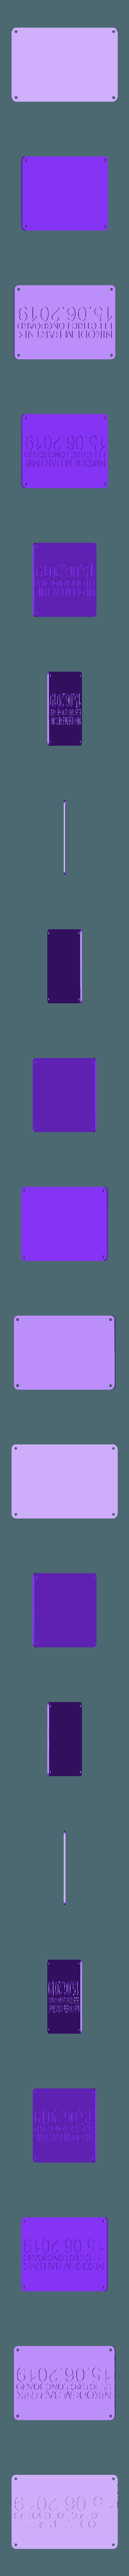 box_flap.stl Télécharger fichier STL gratuit Planche de bricolage électrique Longboard • Objet imprimable en 3D, NikodemBartnik